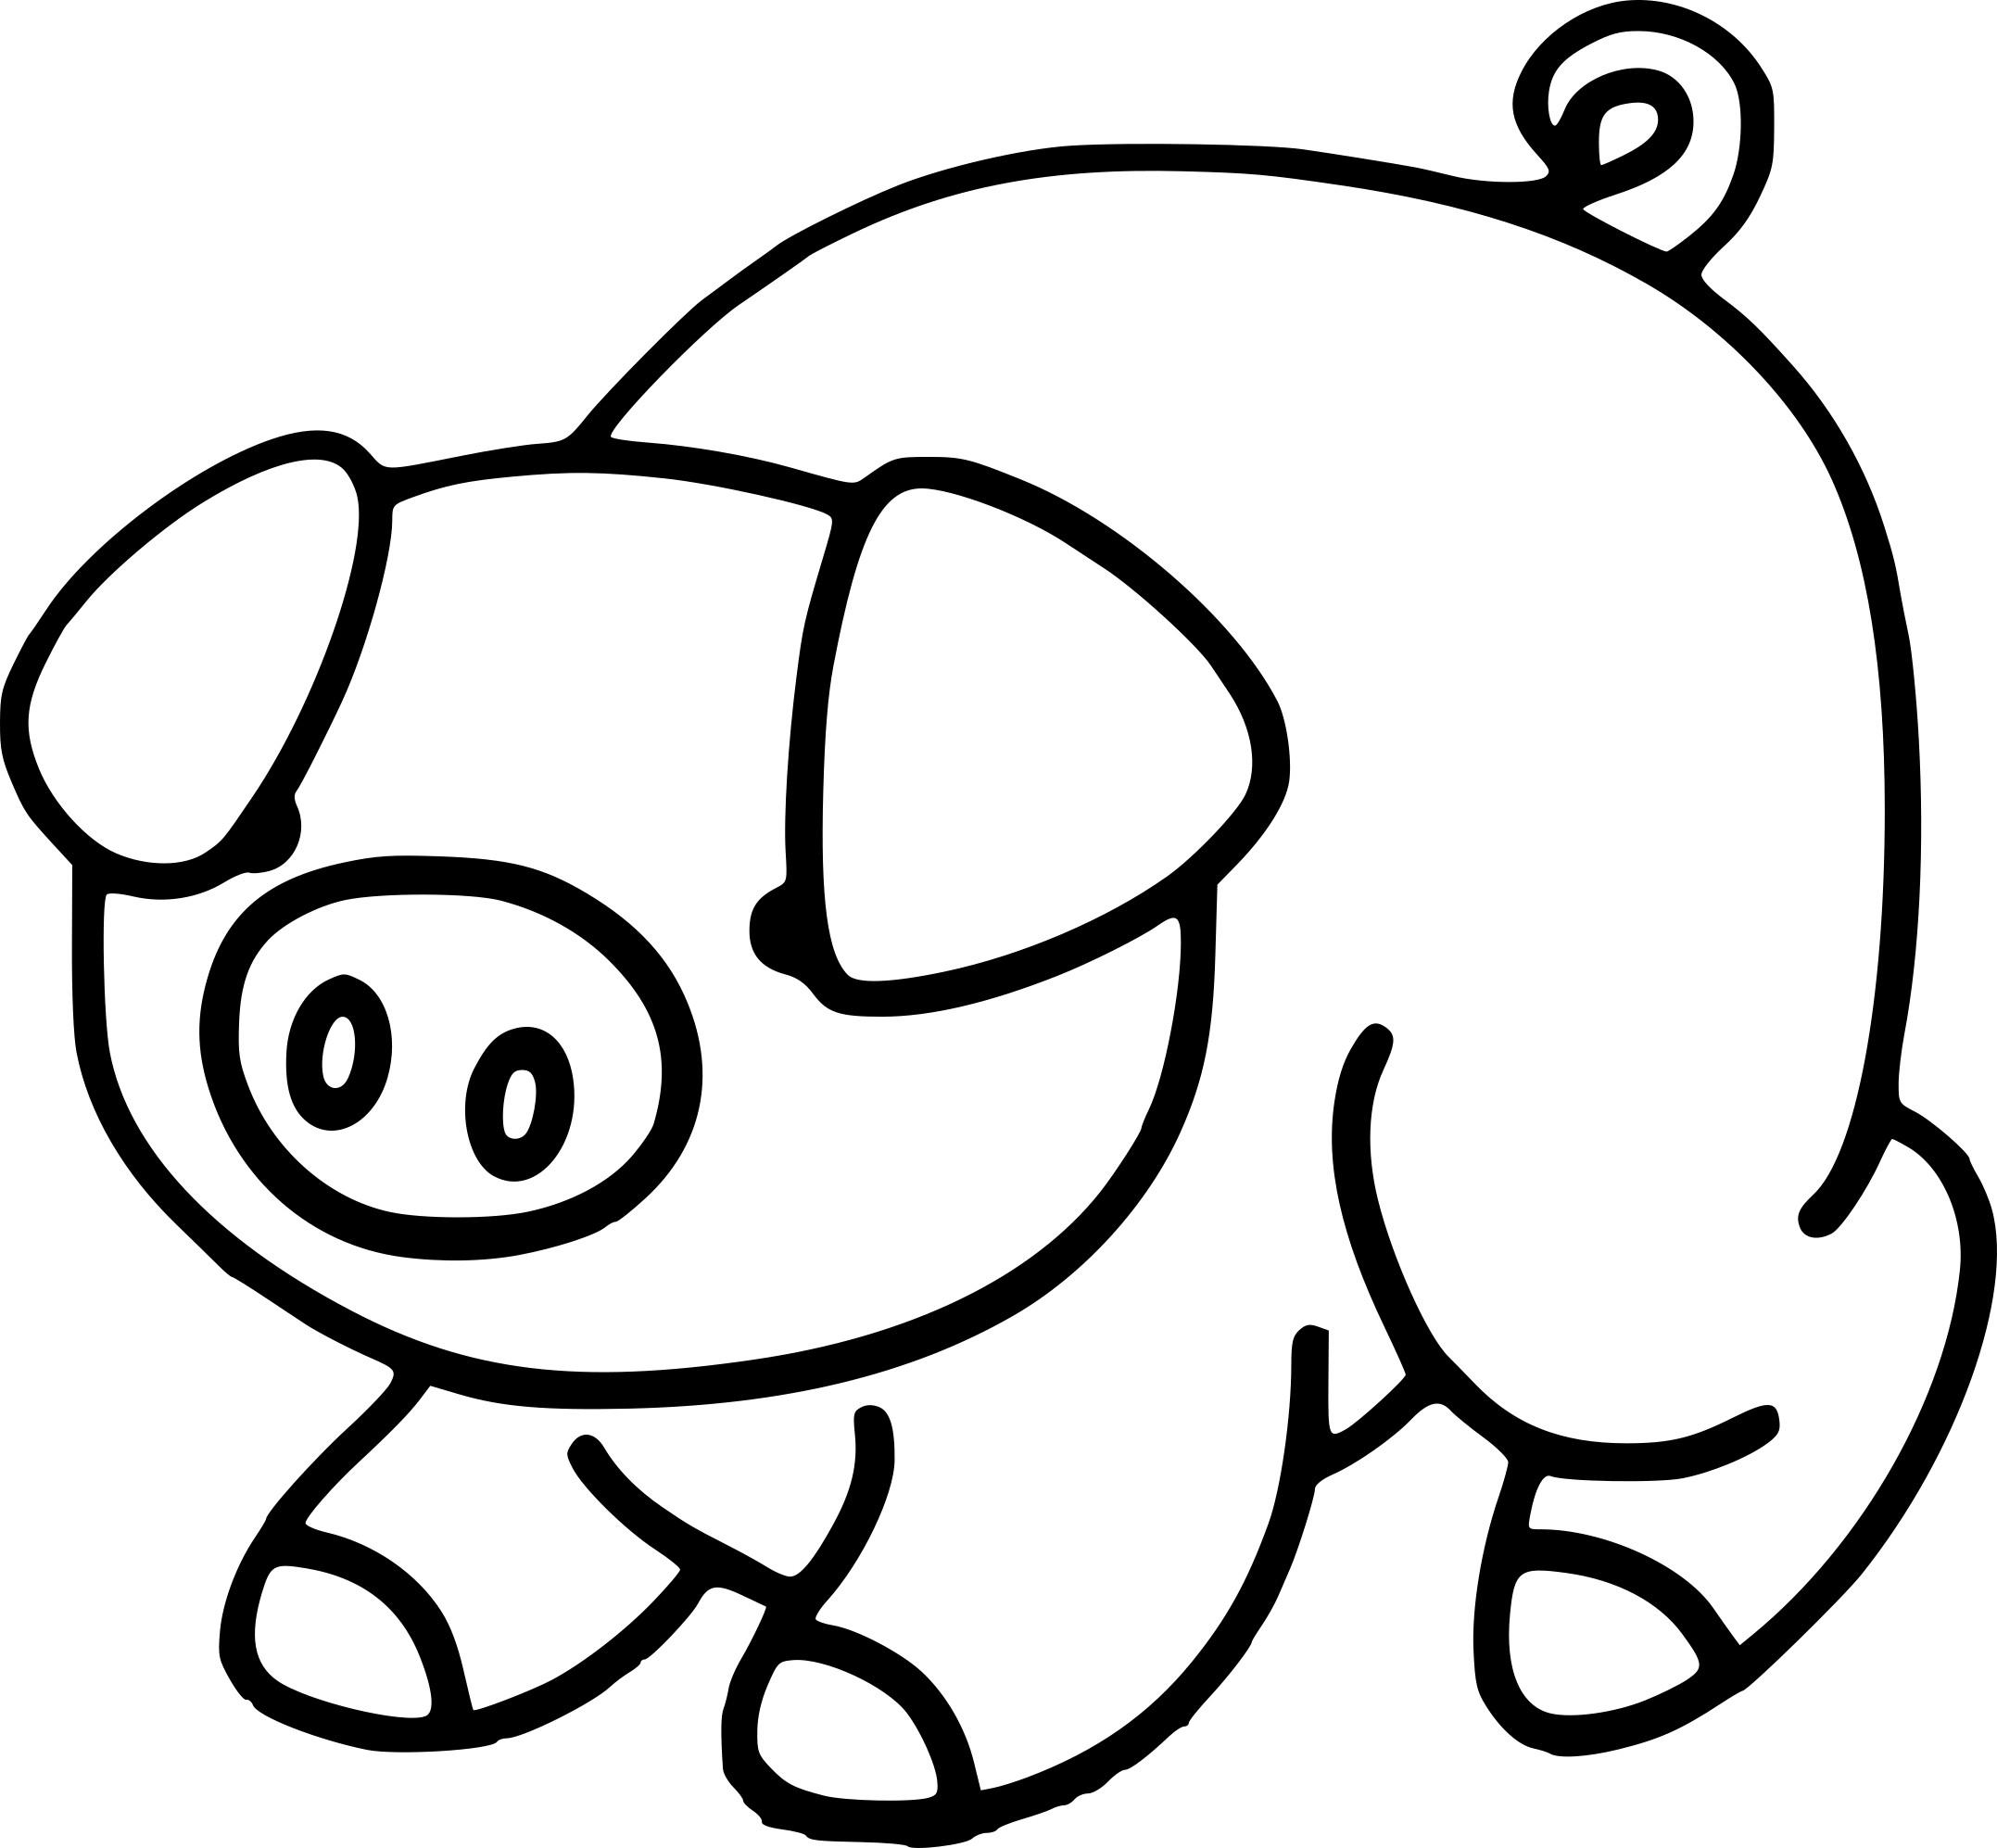 Coloriage Cochon Maternelle À Imprimer Sur Coloriages à Dessin À Colorier Cochon